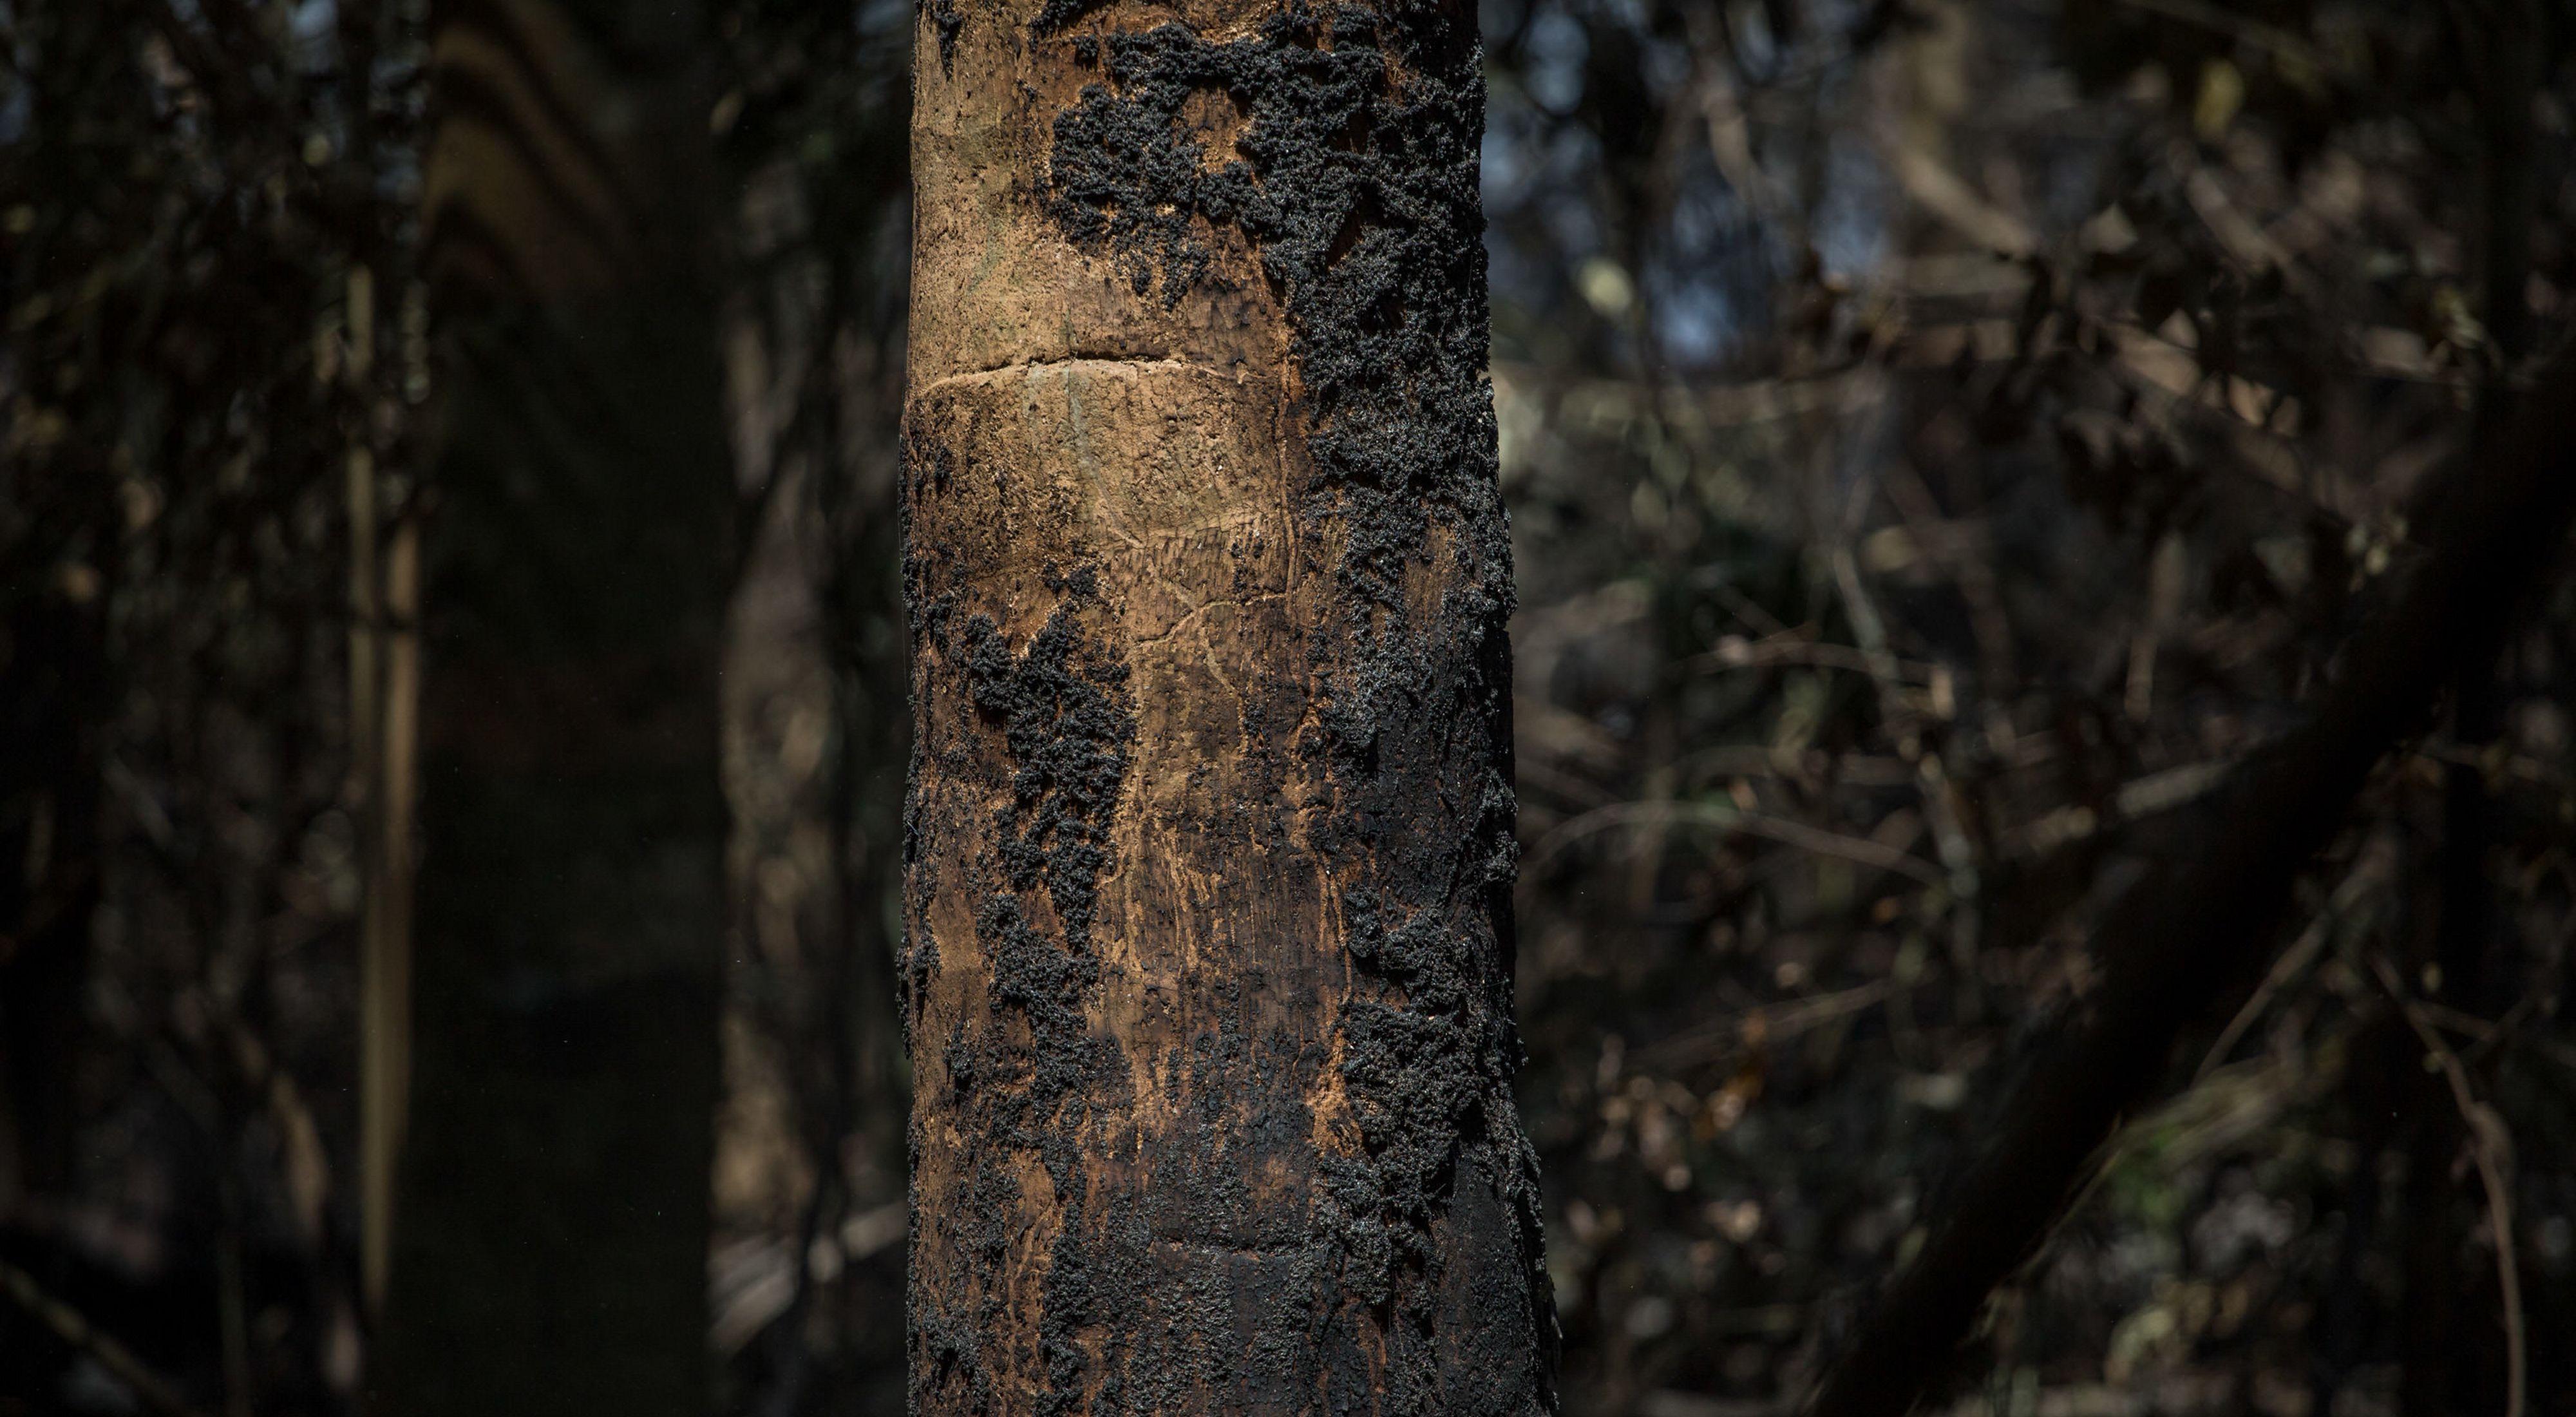 Árvore queimada após incêndio na região do Rio Tapajós, no Pará, no ano de 2017.